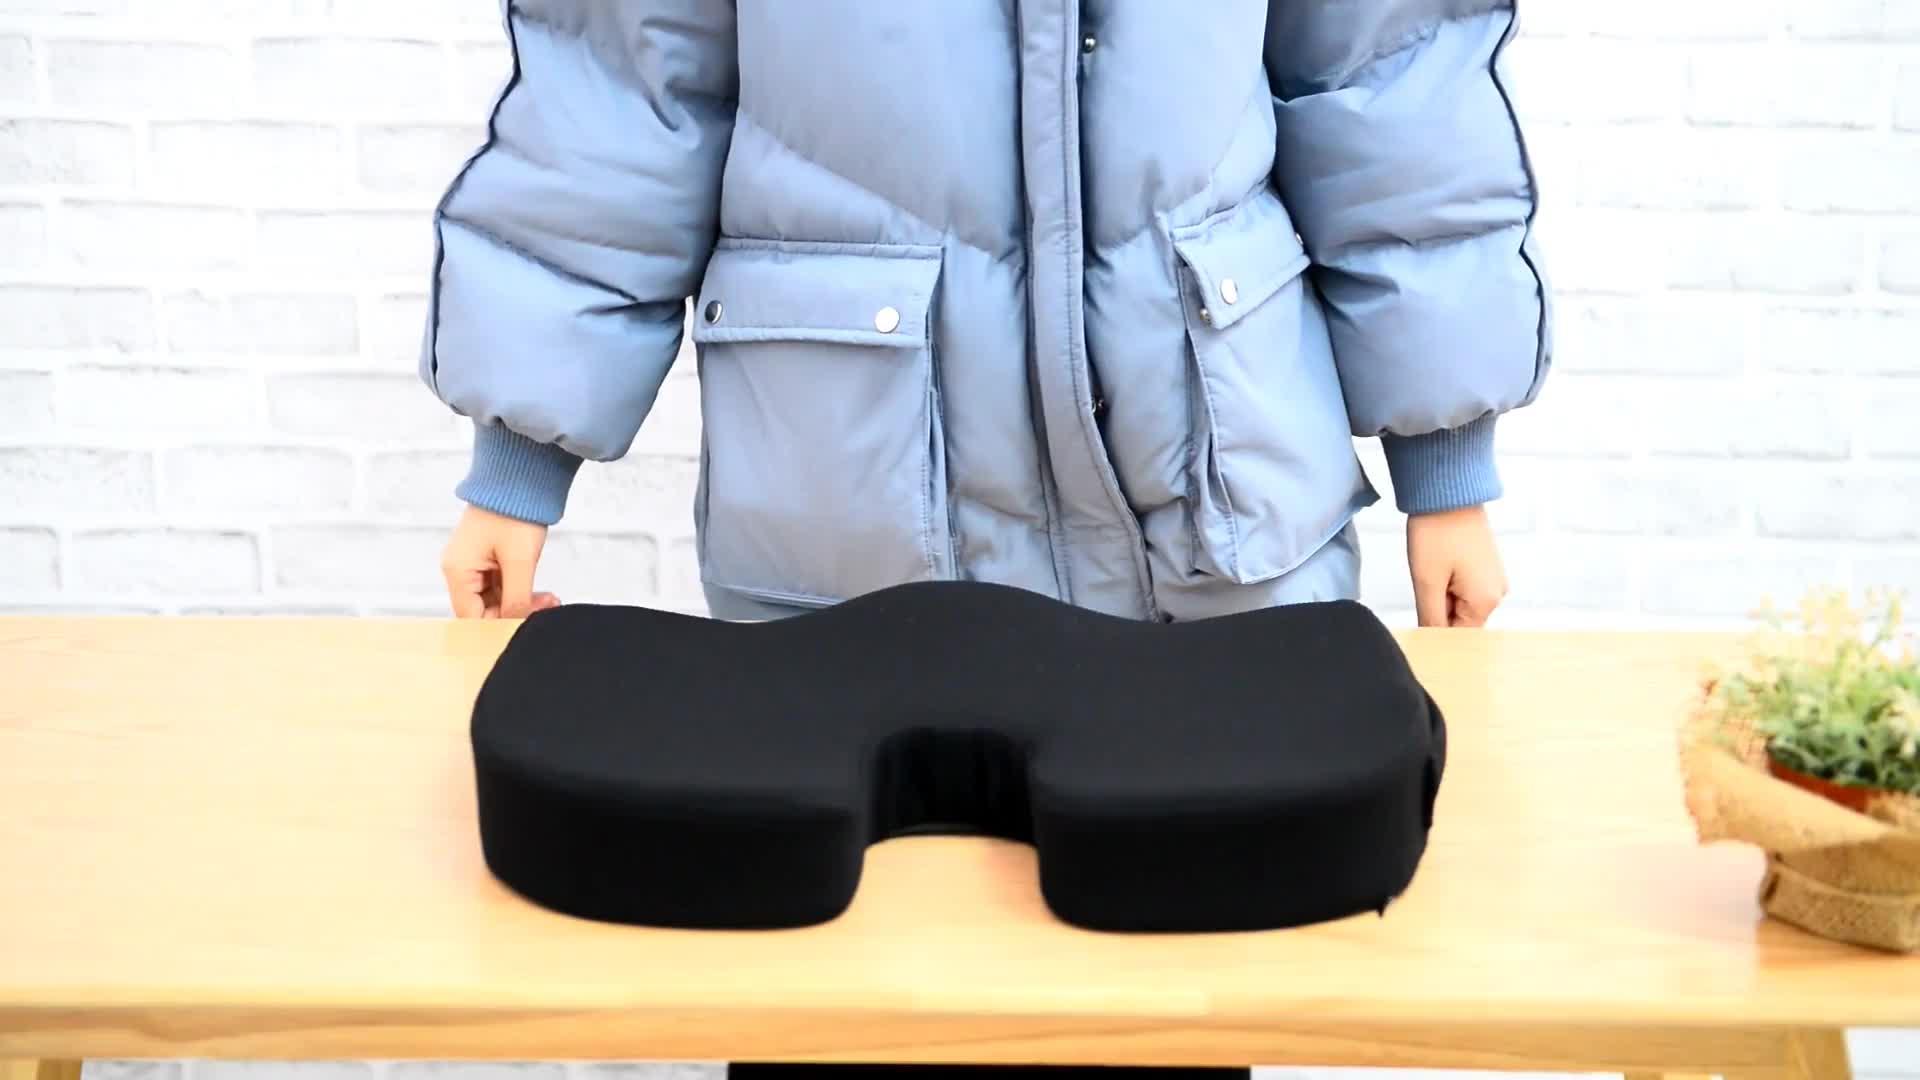 Shinnwa antideslizante Fondo coxis ortopédica cojín silla de oficina cojín al aire libre silla de ruedas de coche de espuma de memoria de Gel cojín del asiento